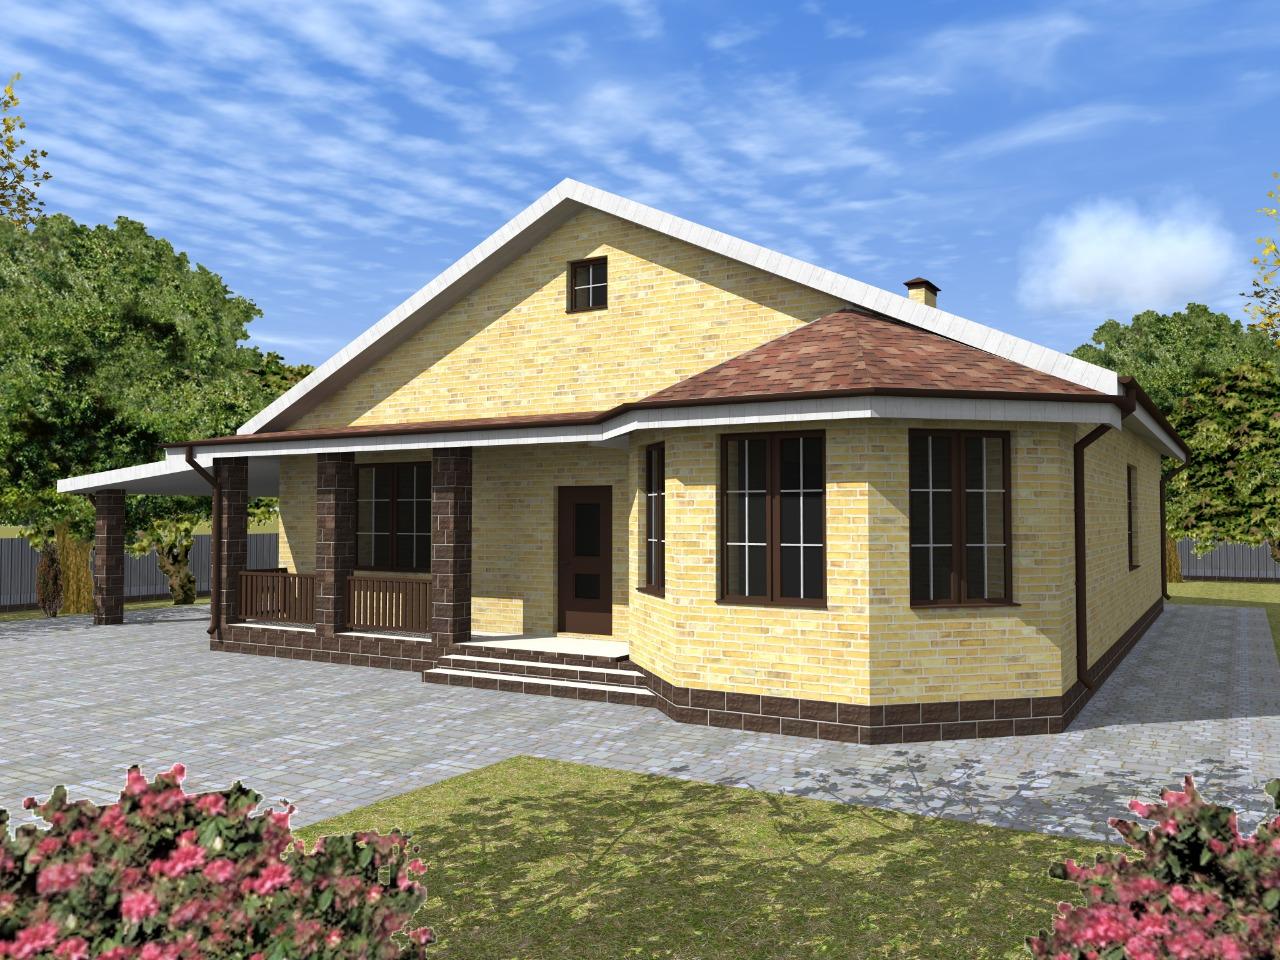 Проект одноэтажного дома из кирпича с эркером и гаражом